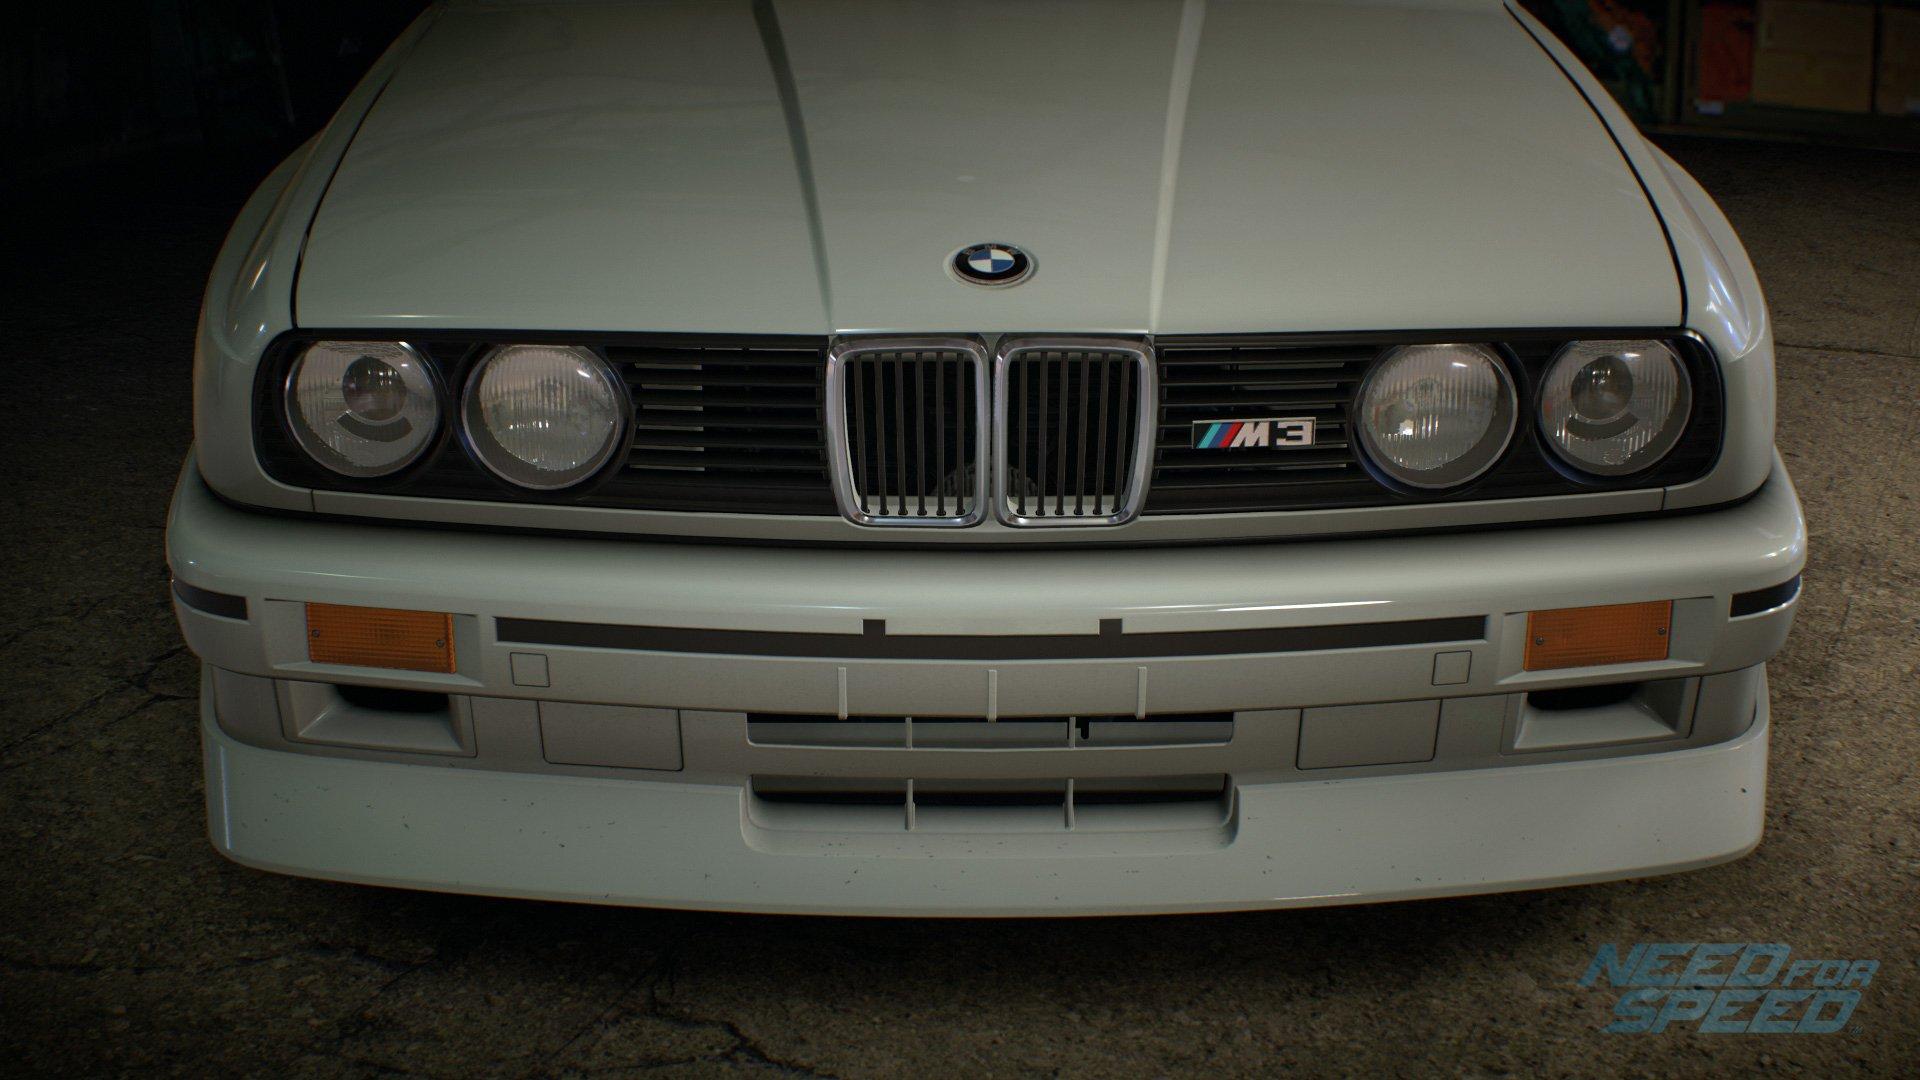 Bmw M3 Evolution Ii E30 Fond D écran Hd Arrière Plan